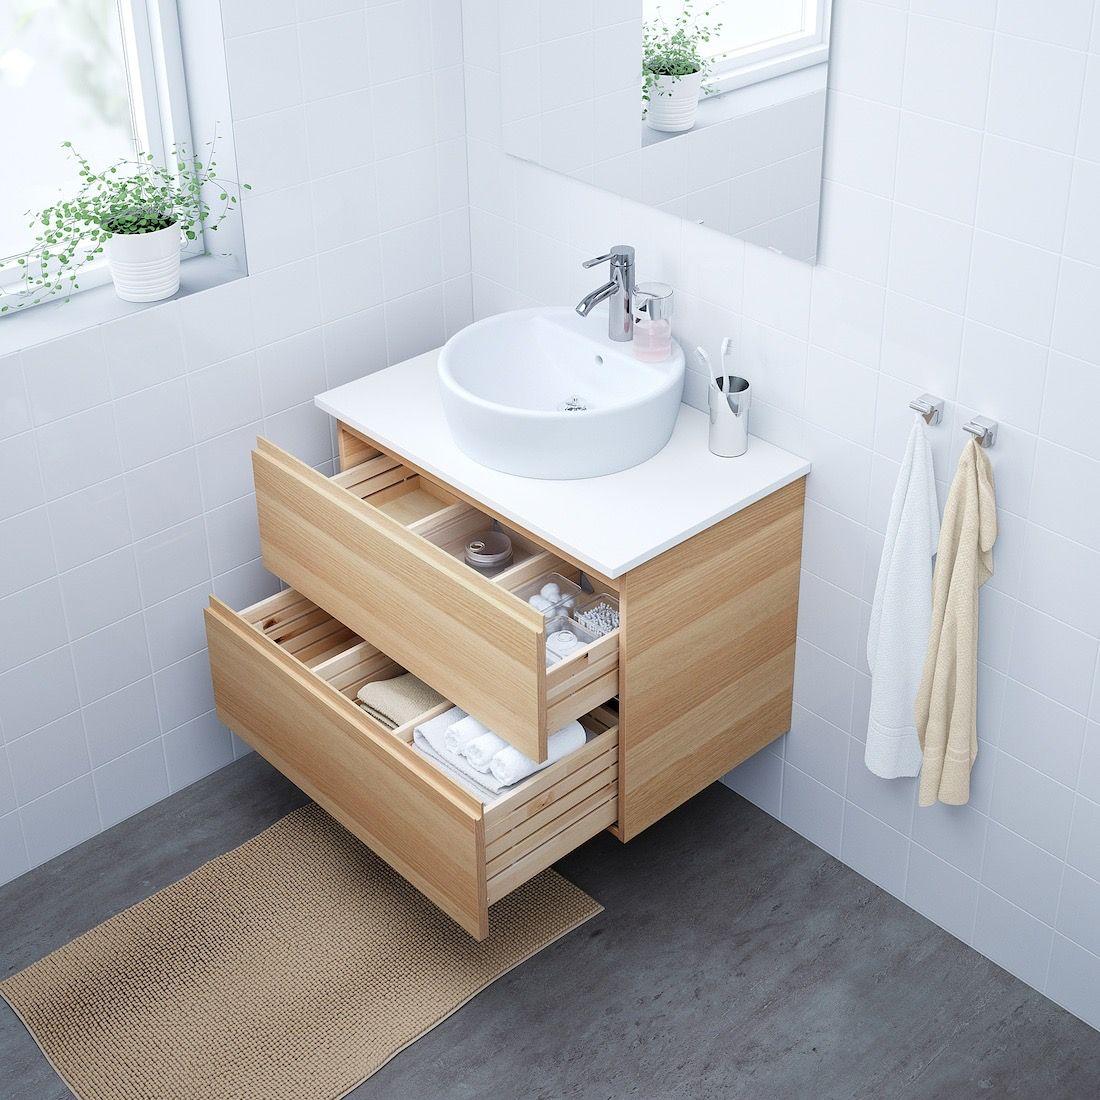 Pin By Benoit Monnier On Appart In 2020 Sink Cabinet Ikea Godmorgon Ikea